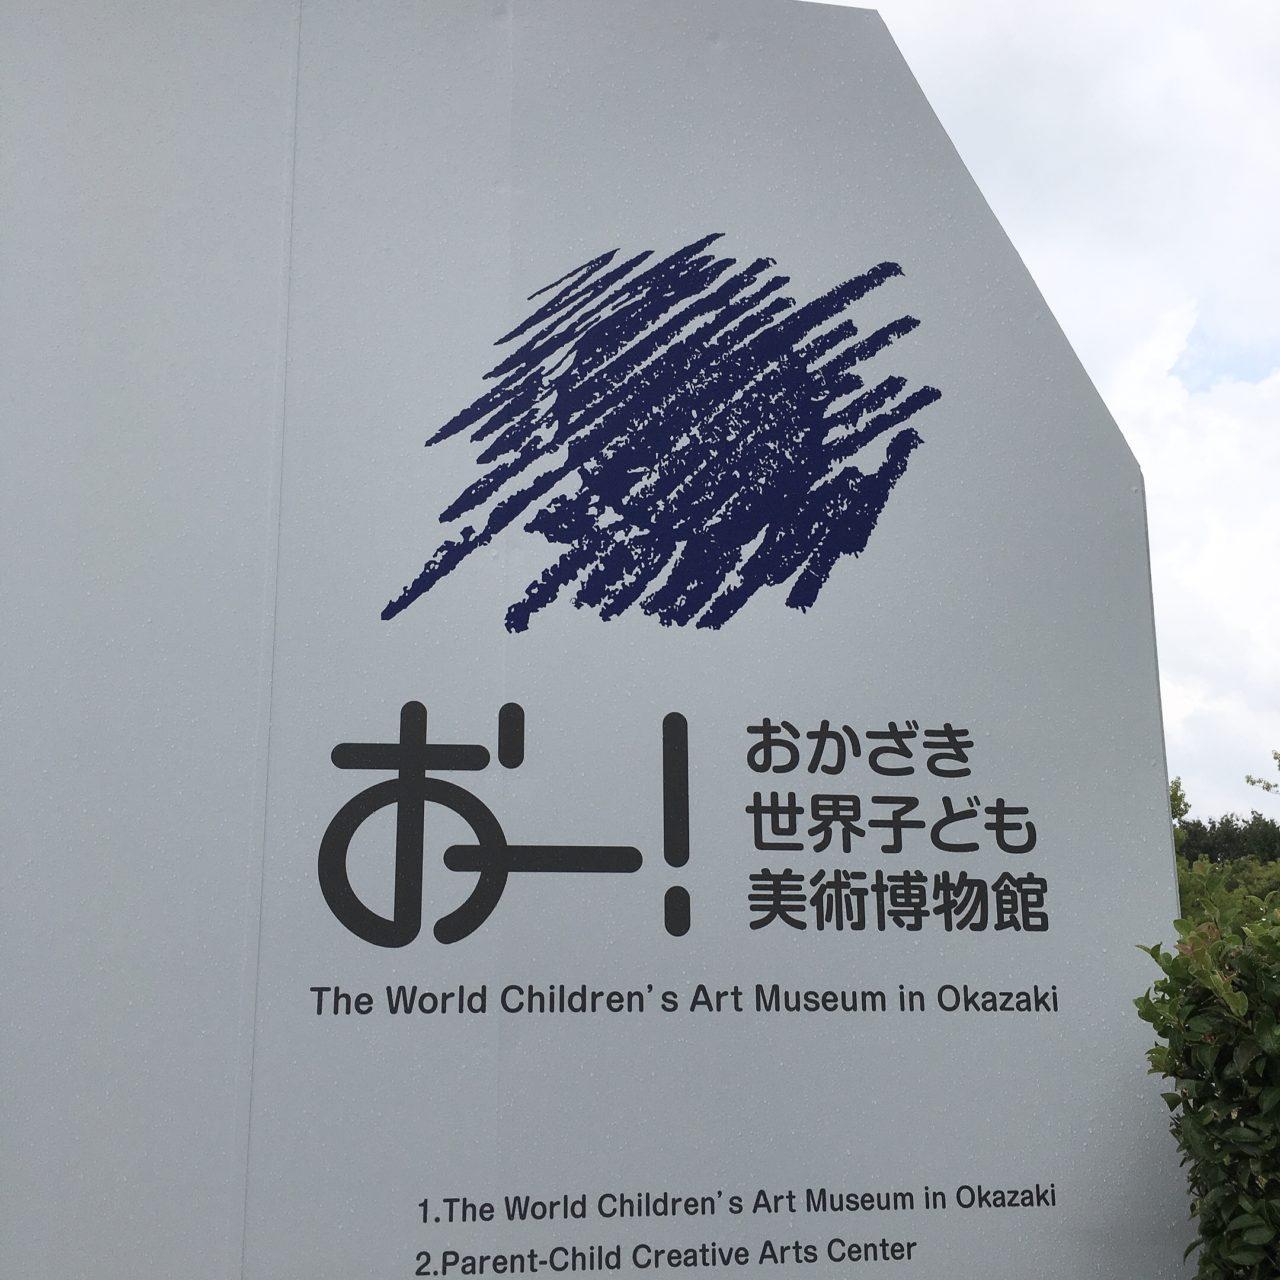 おかざき世界子ども美術博物館の看板